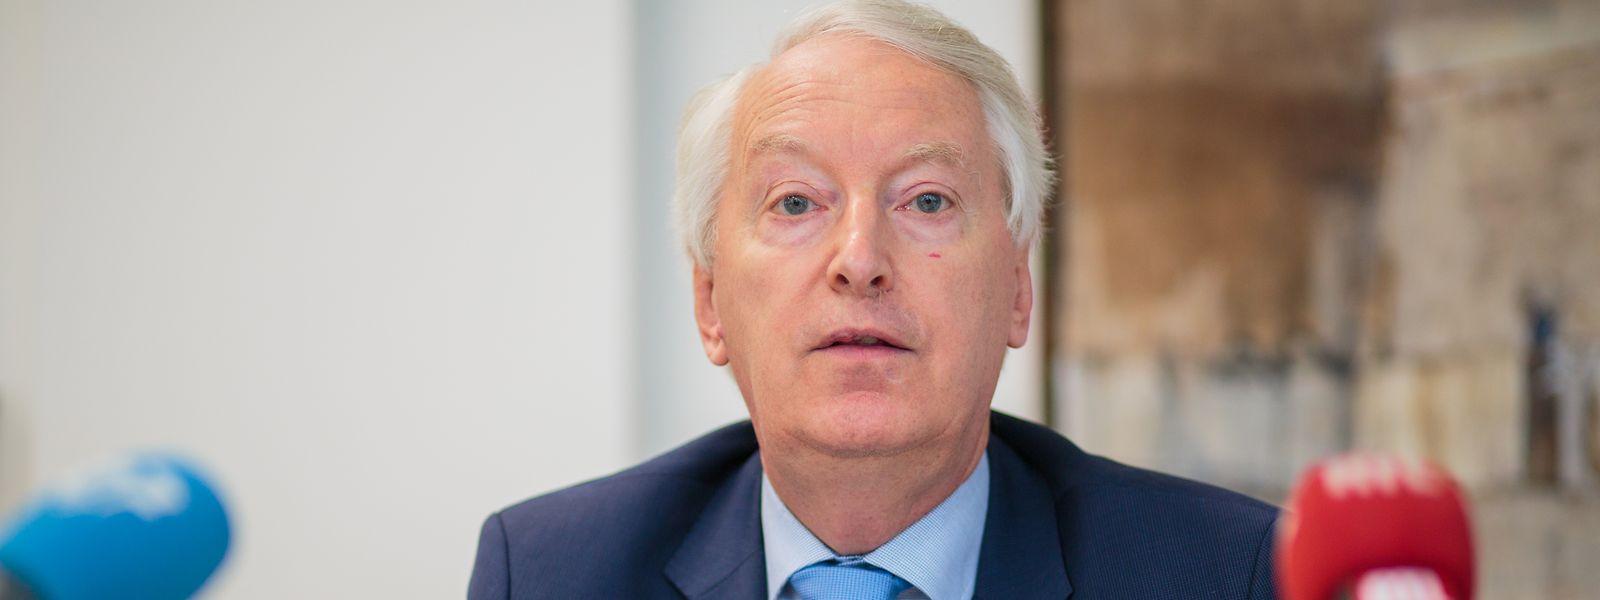 Claude Wirion, le président de la CAA décrit 2019 comme «l'année où l'internationalisation du marché luxembourgeois de l'assurance a été achevée»